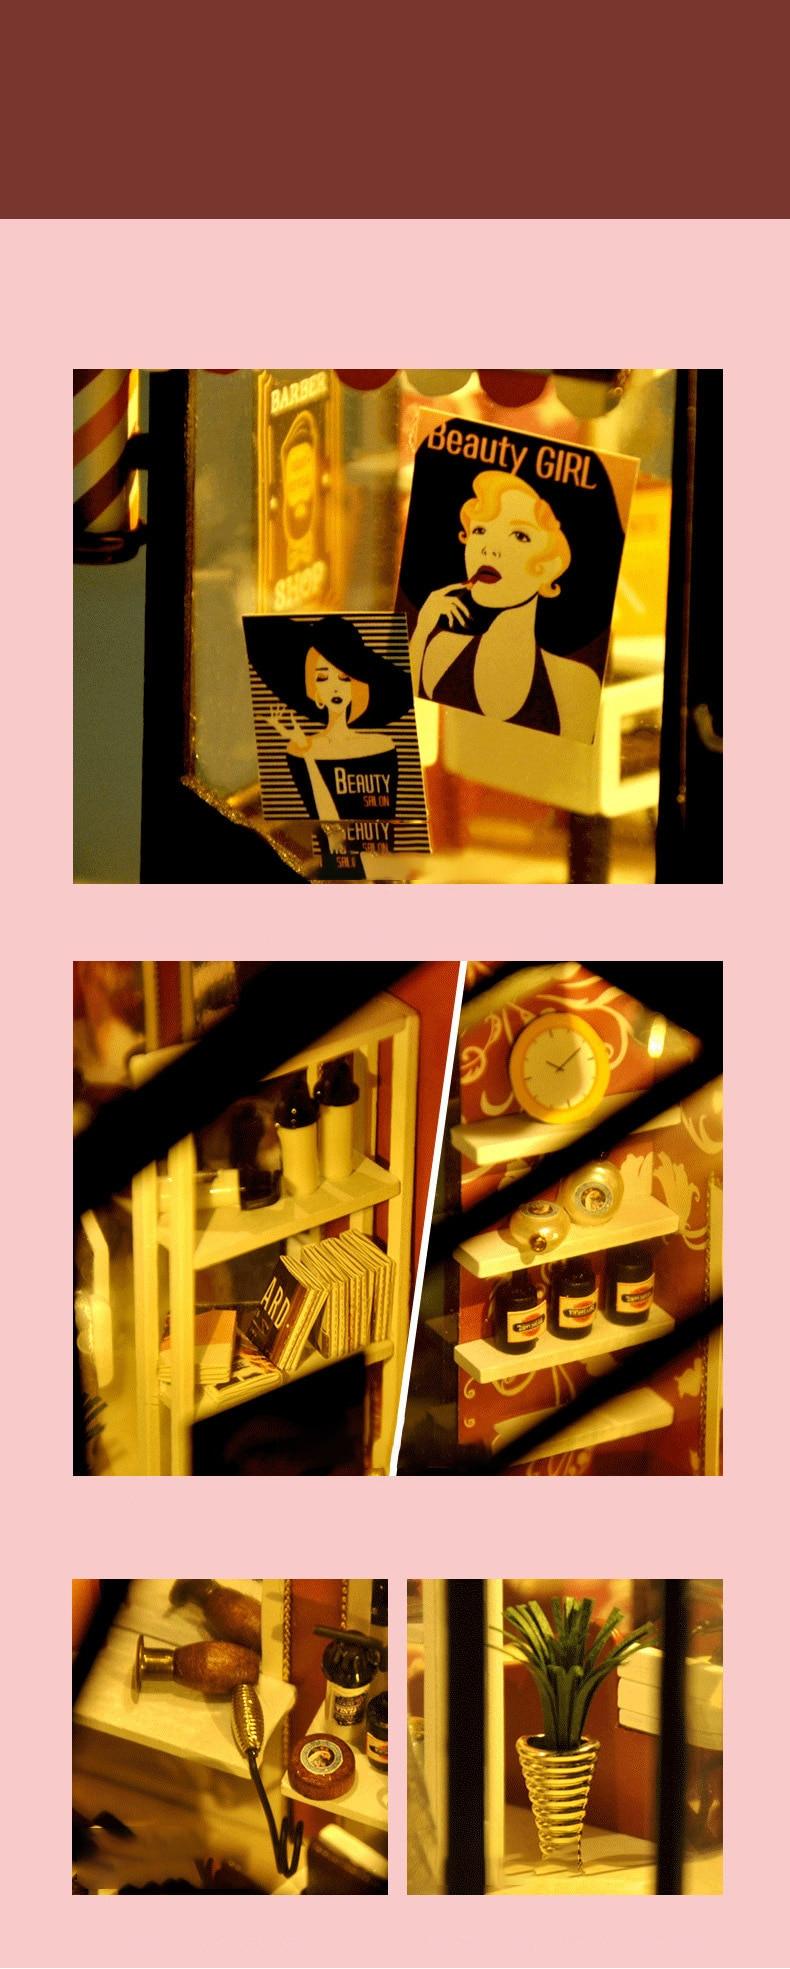 H6b25a17bf0c14310b21028c99bba94adL - Robotime - DIY Models, DIY Miniature Houses, 3d Wooden Puzzle